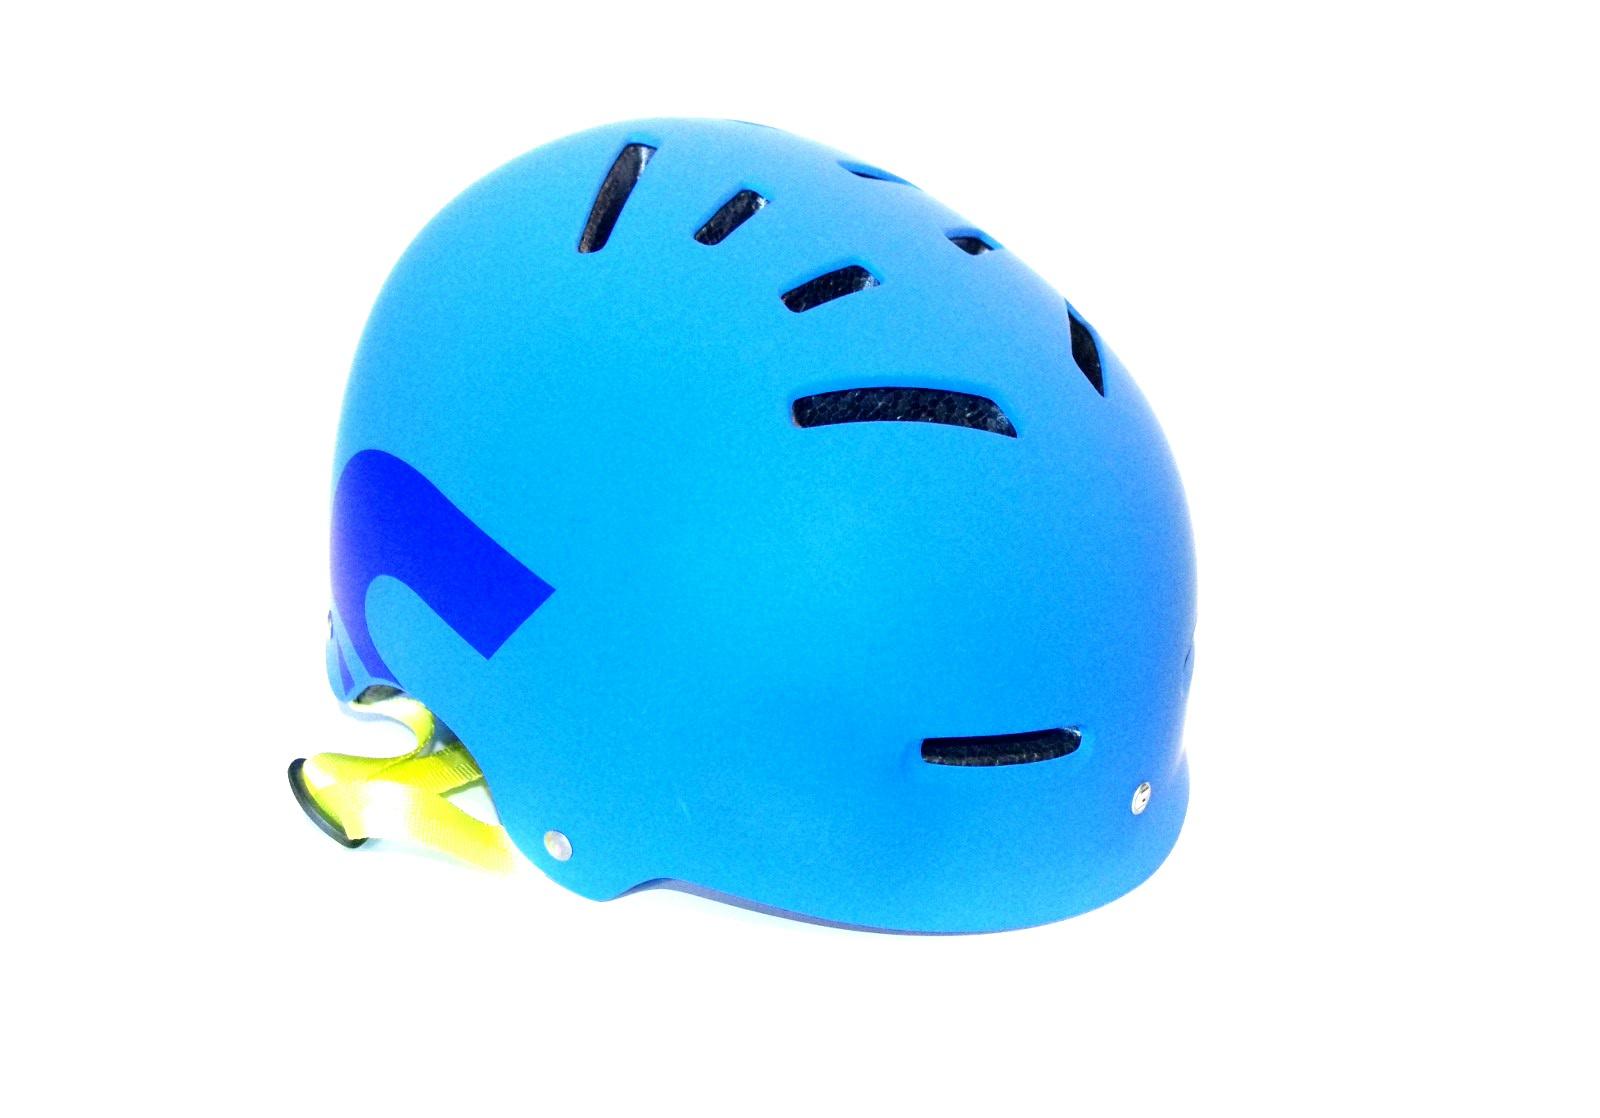 PRILBA CARRERA BLUE T30 L-XL 58-62cm Wawa Rollinn